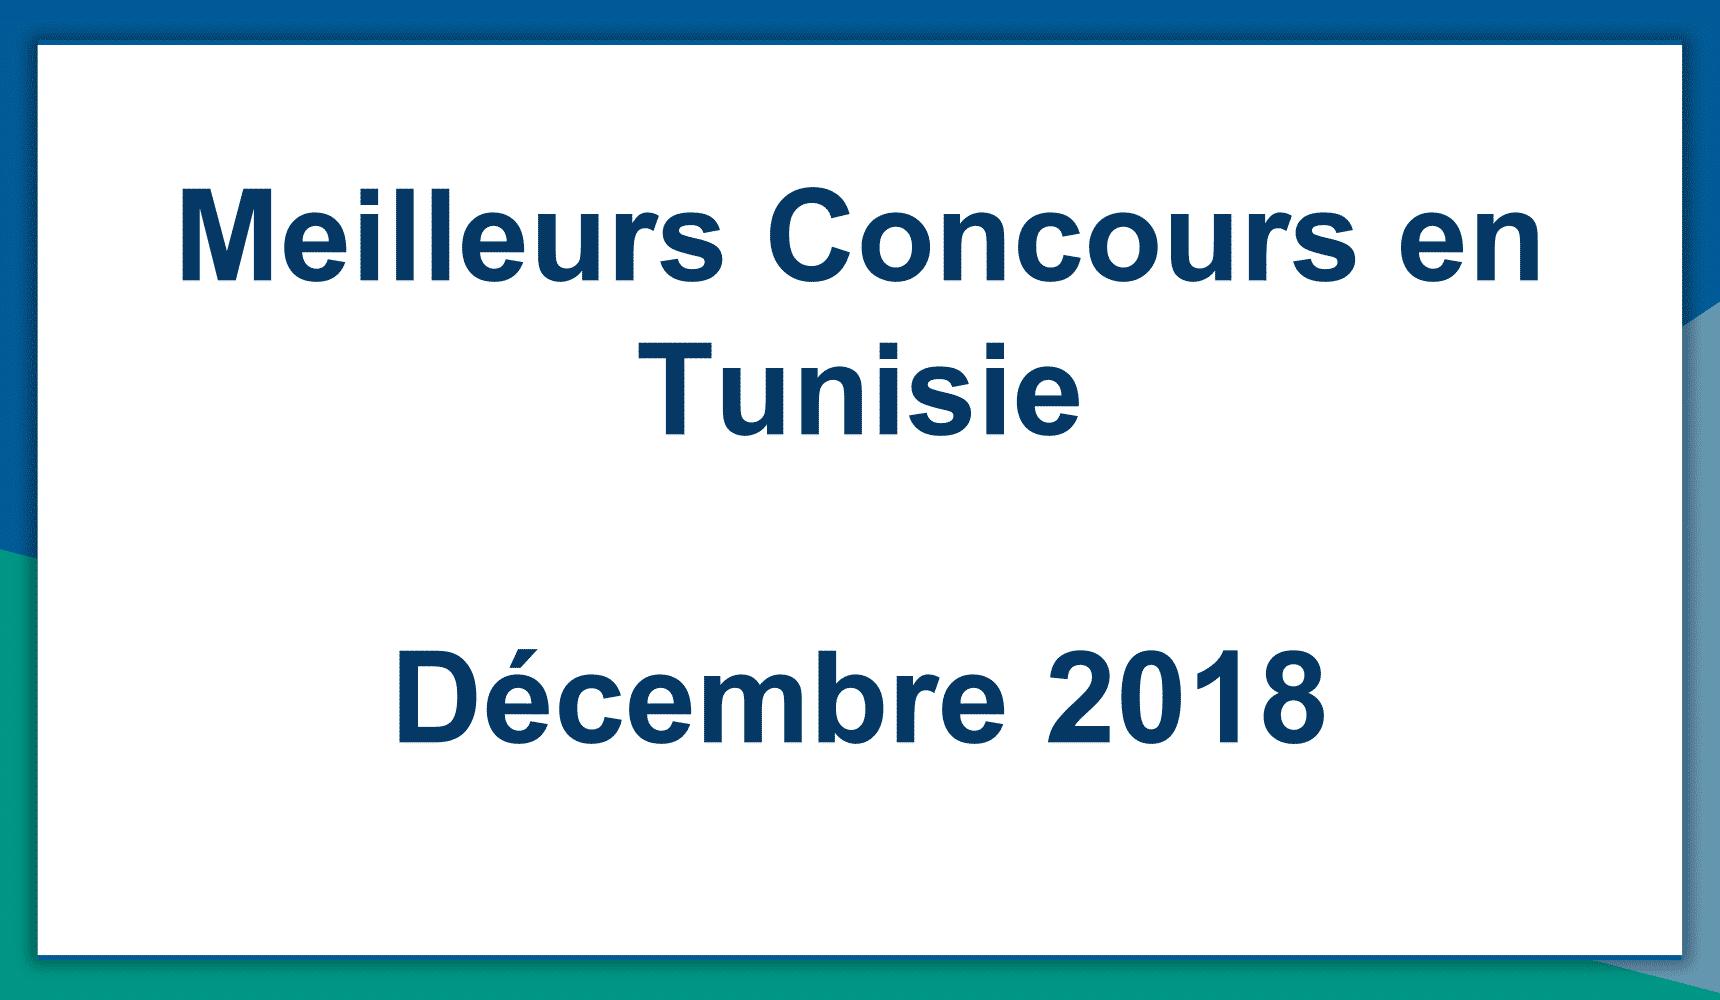 Meilleurs Concours en Tunisie Décembre 2018